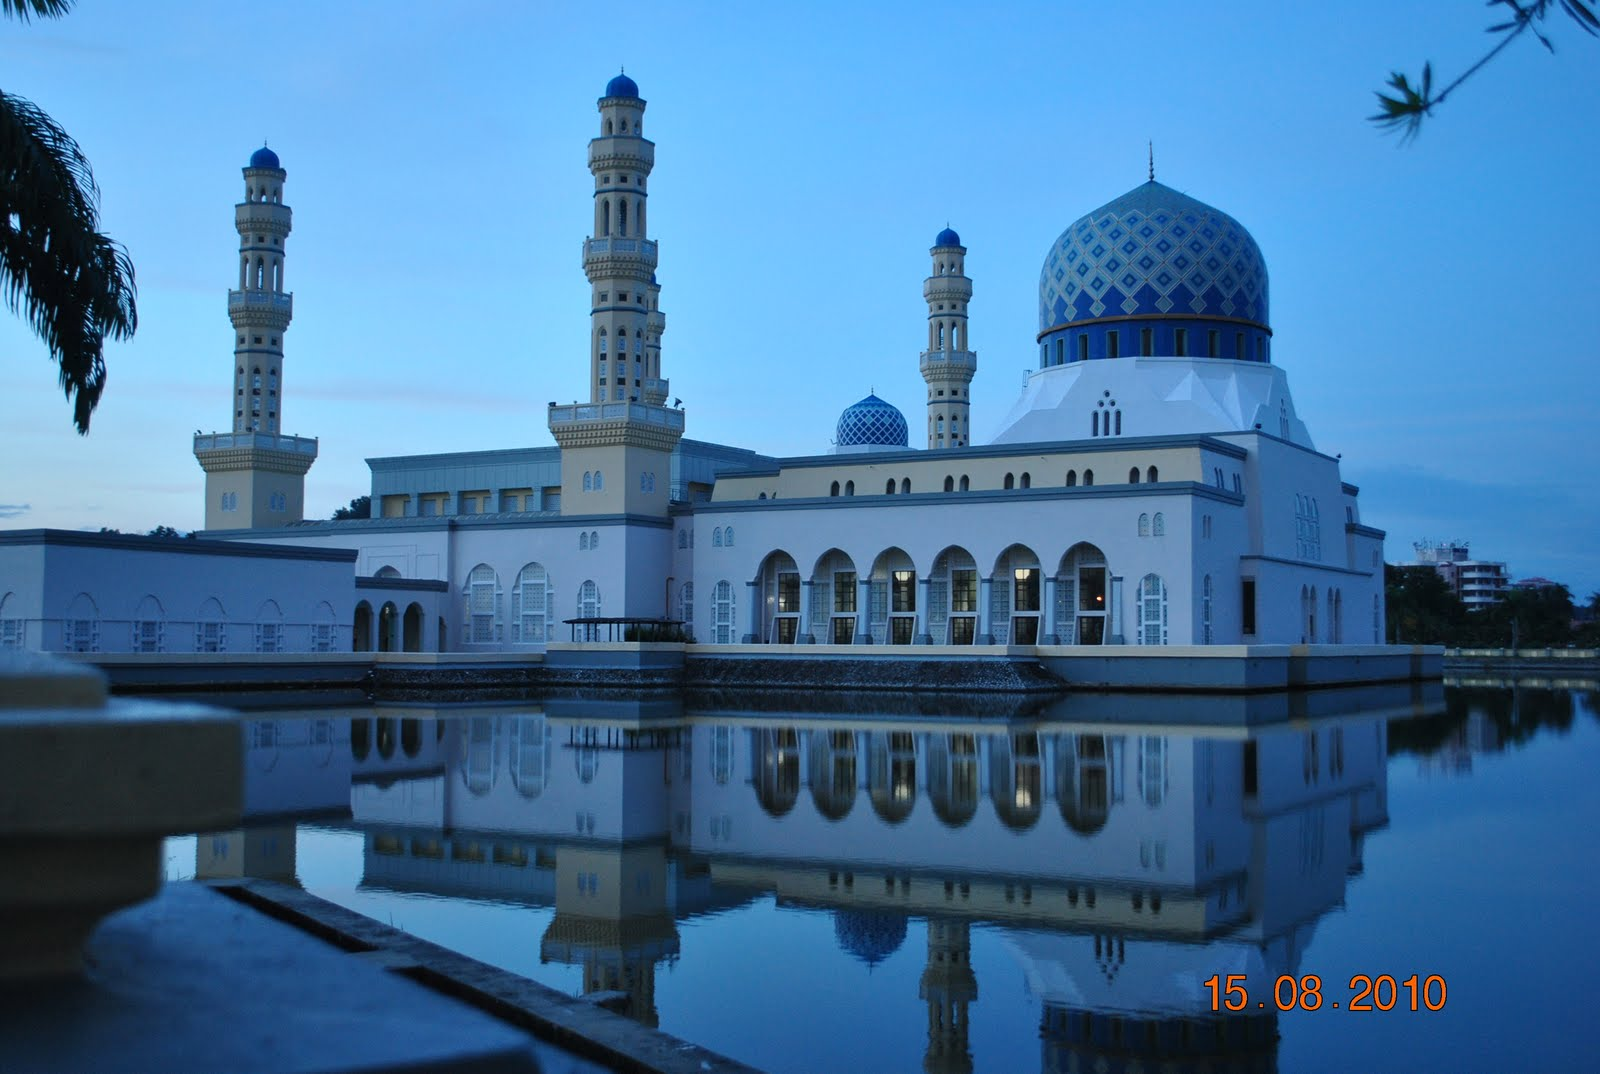 Gambar 36:Masjid Bandaraya Kota Kinabalu